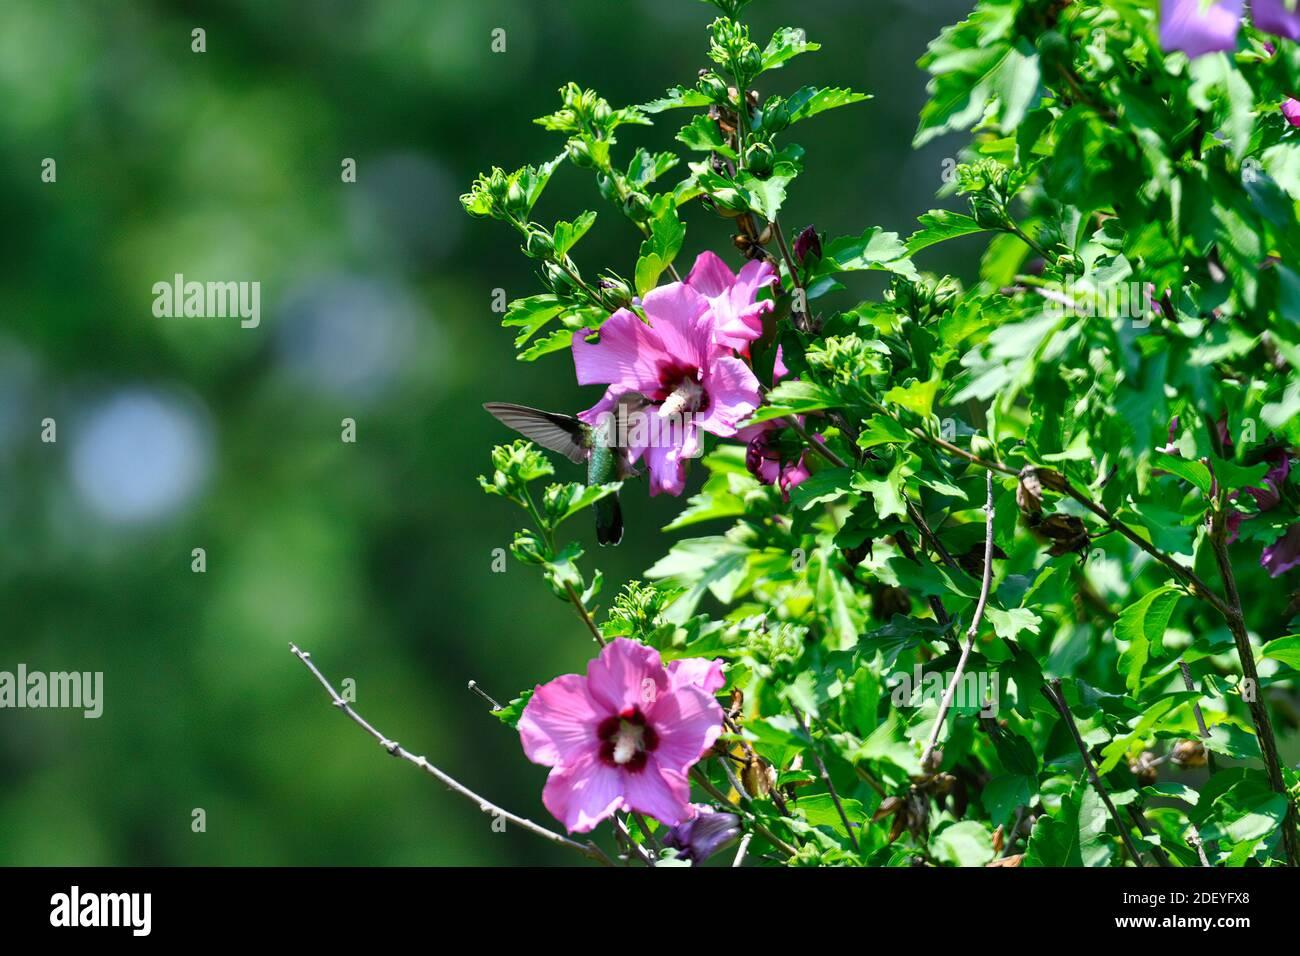 Los colibríes de garganta rubí se revolotan en el Néctar de recolección de flores de Hibiscus Foto de stock